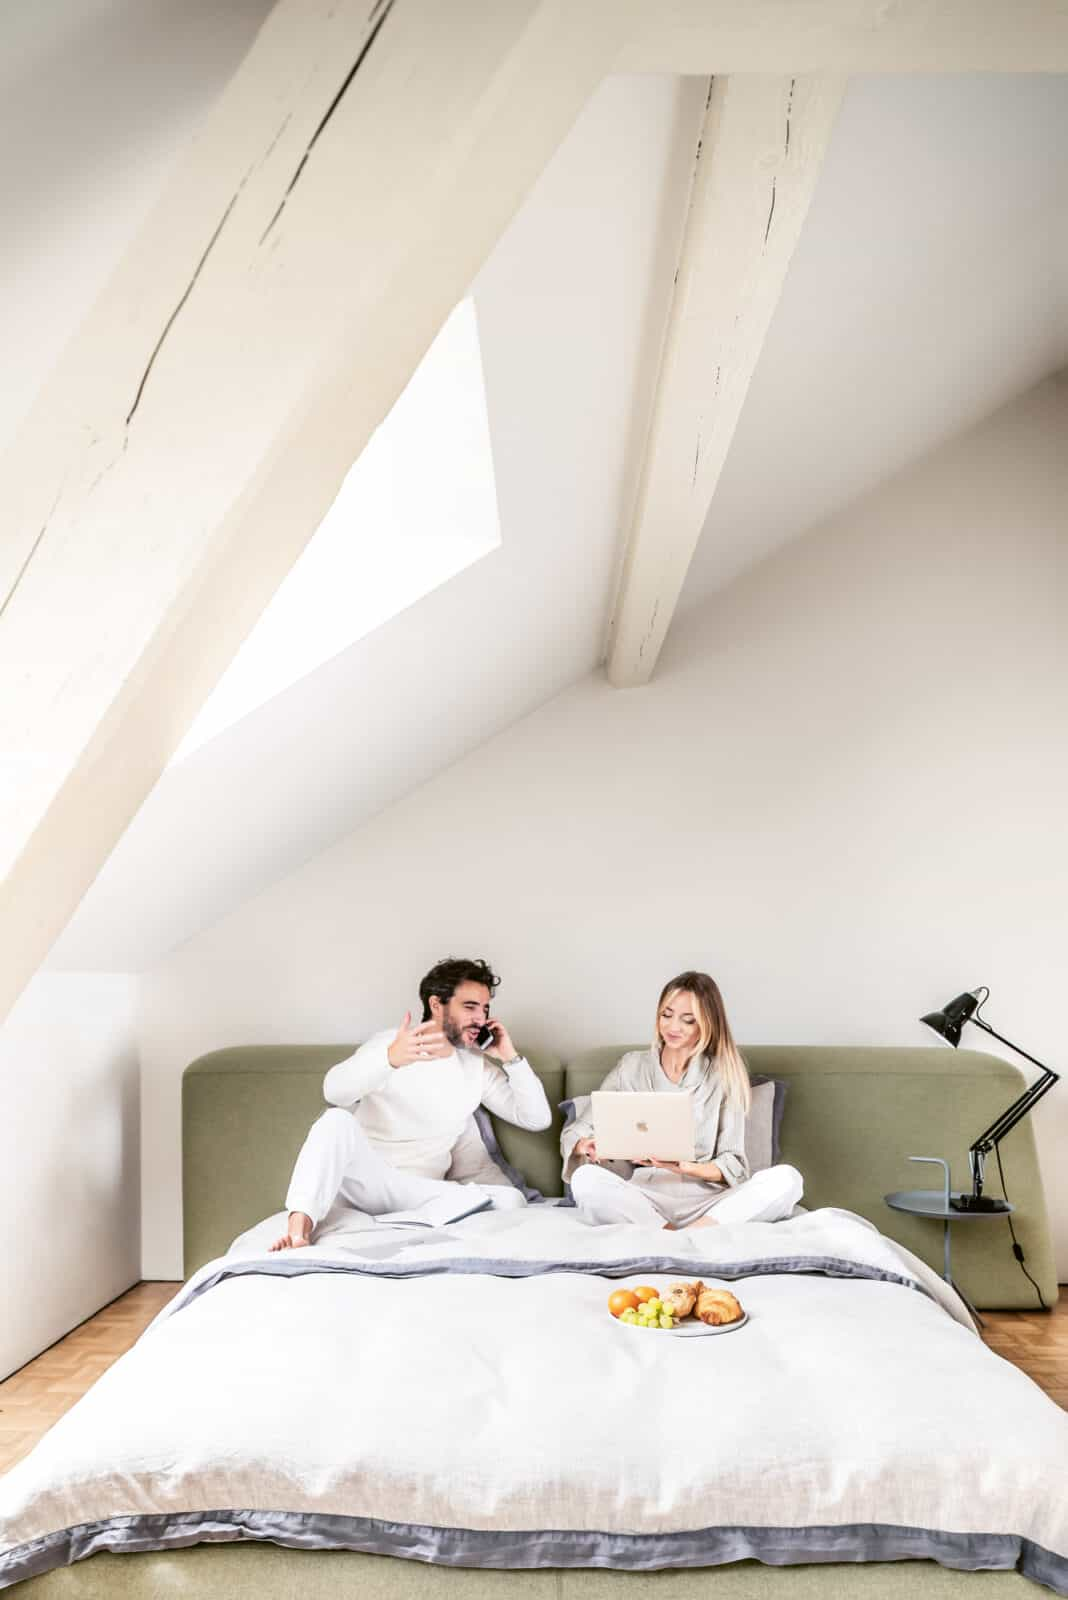 Gian und Jurgita von Naughty Linen im Bett